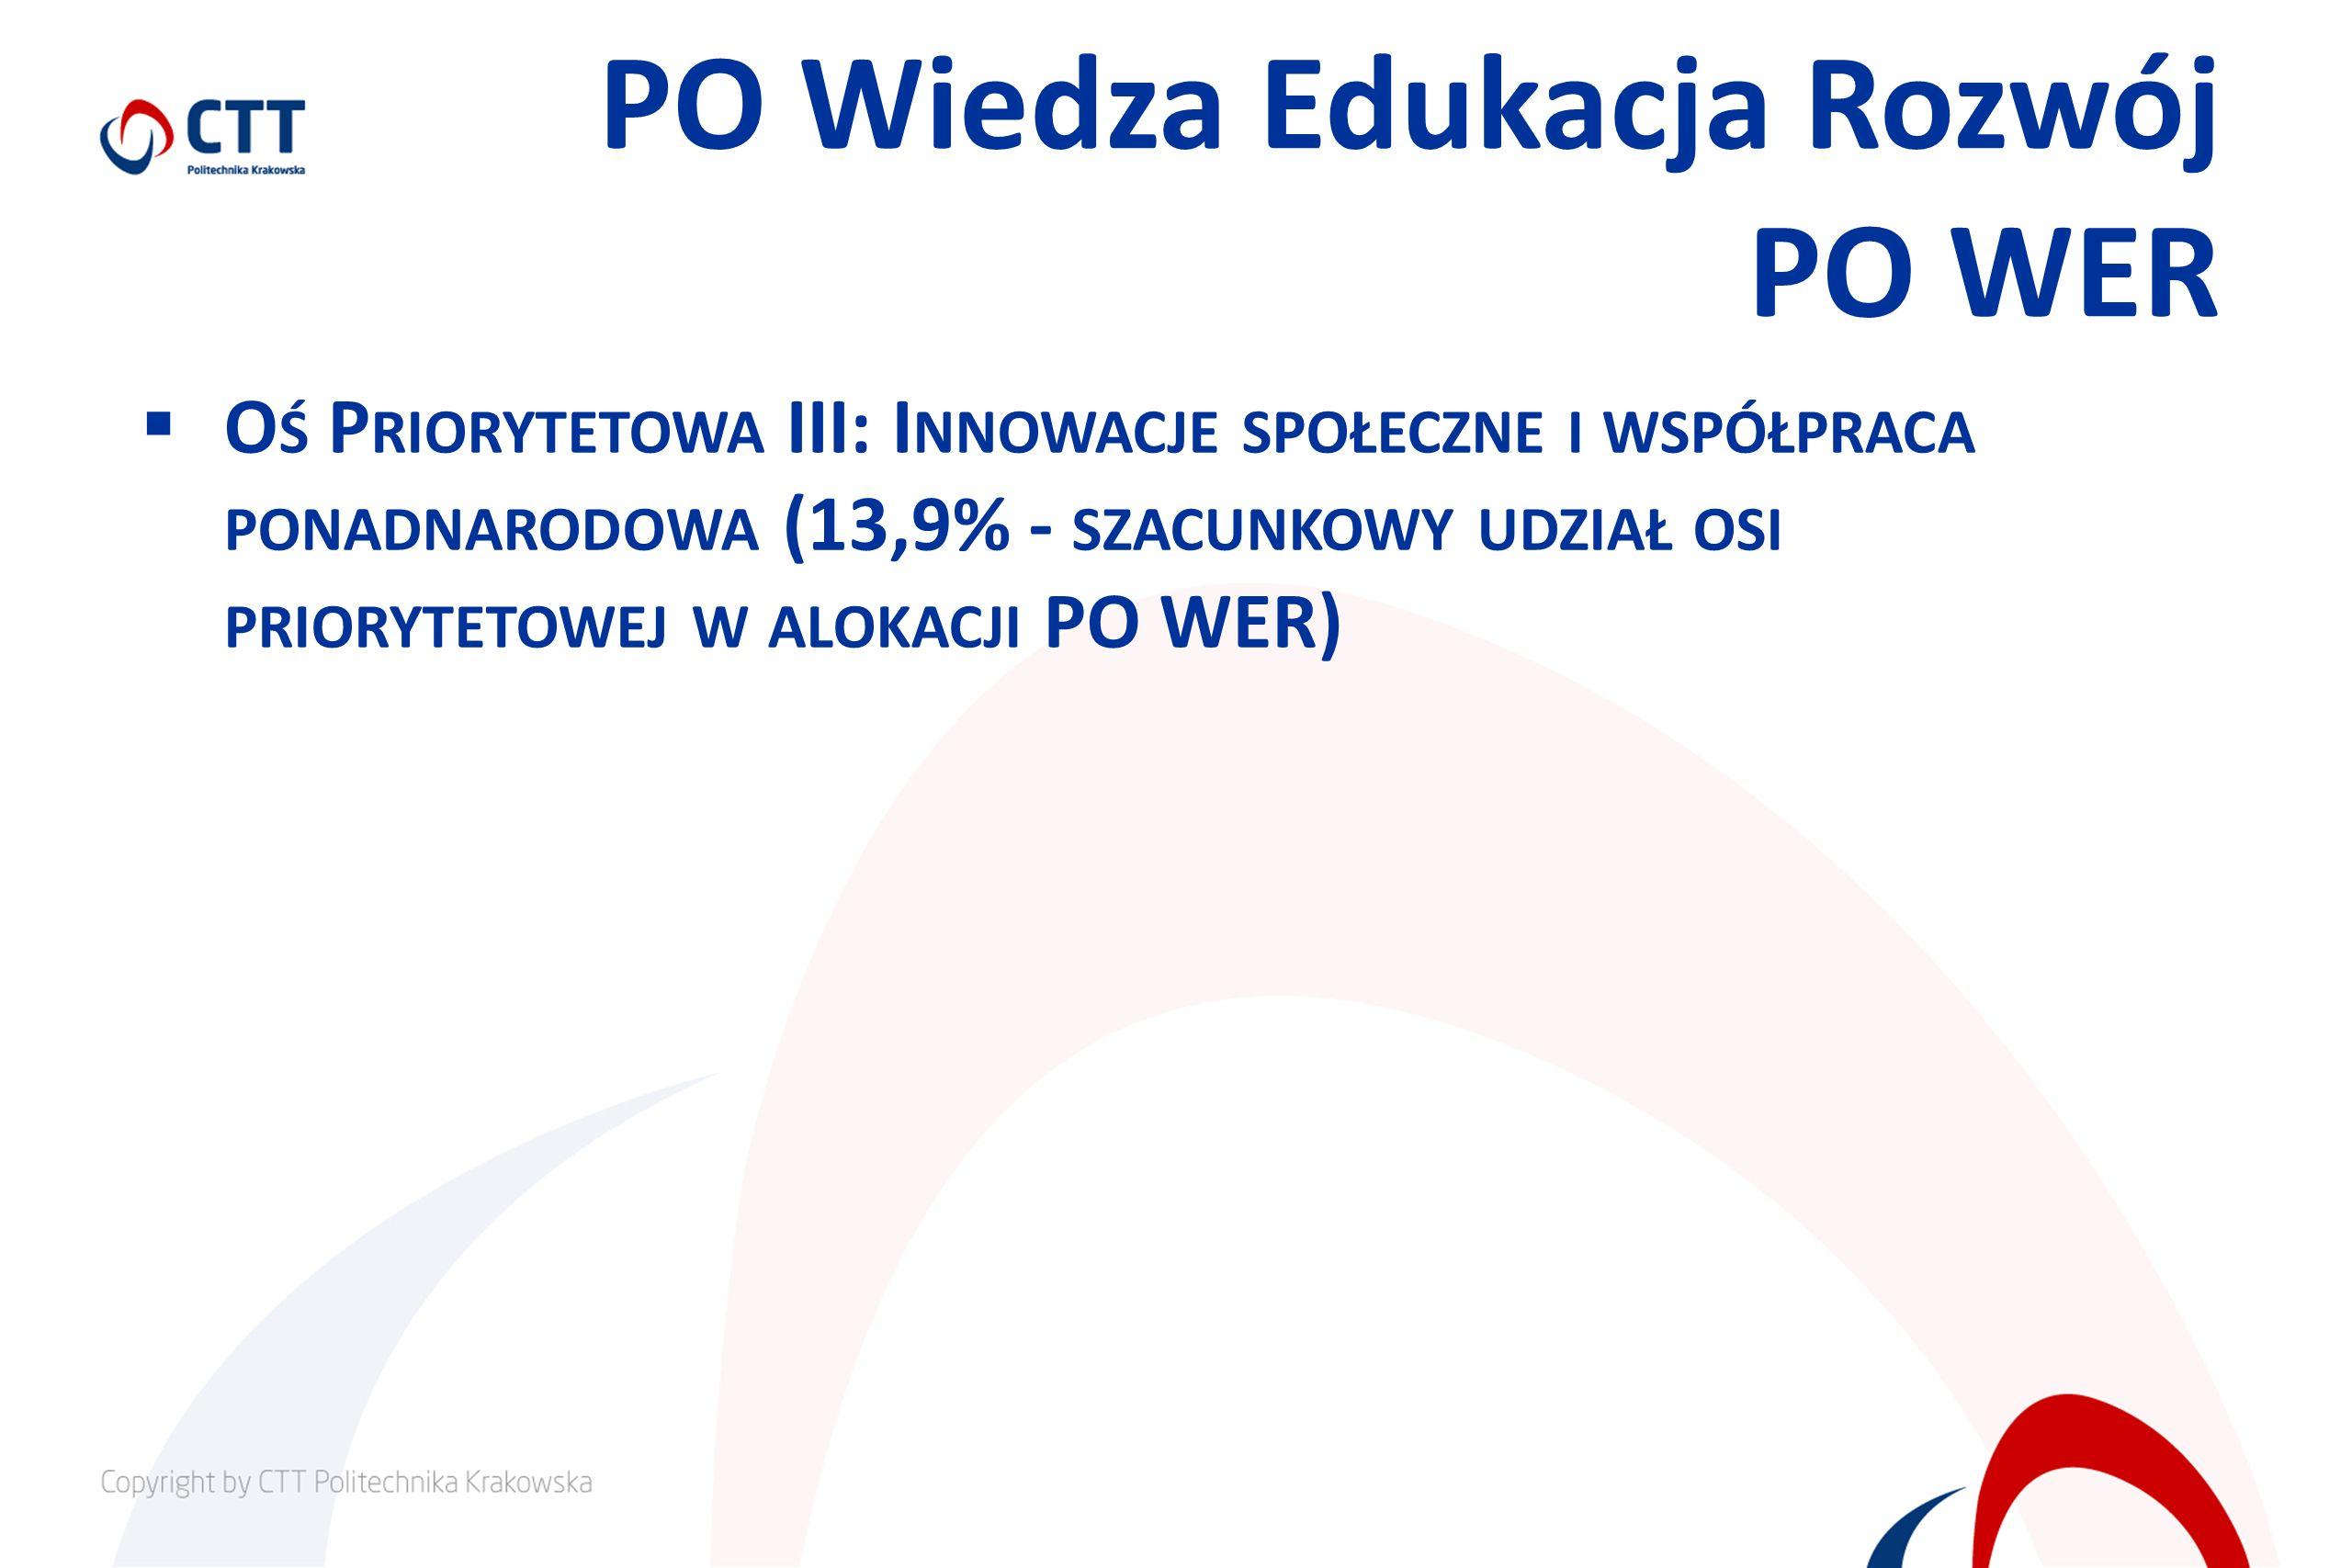 PO Wiedza Edukacja Rozwój PO WER O Ś P RIORYTETOWA III: I NNOWACJE SPOŁECZNE I WSPÓŁPRACA PONADNARODOWA (13,9% - SZACUNKOWY UDZIAŁ OSI PRIORYTETOWEJ W ALOKACJI PO WER)